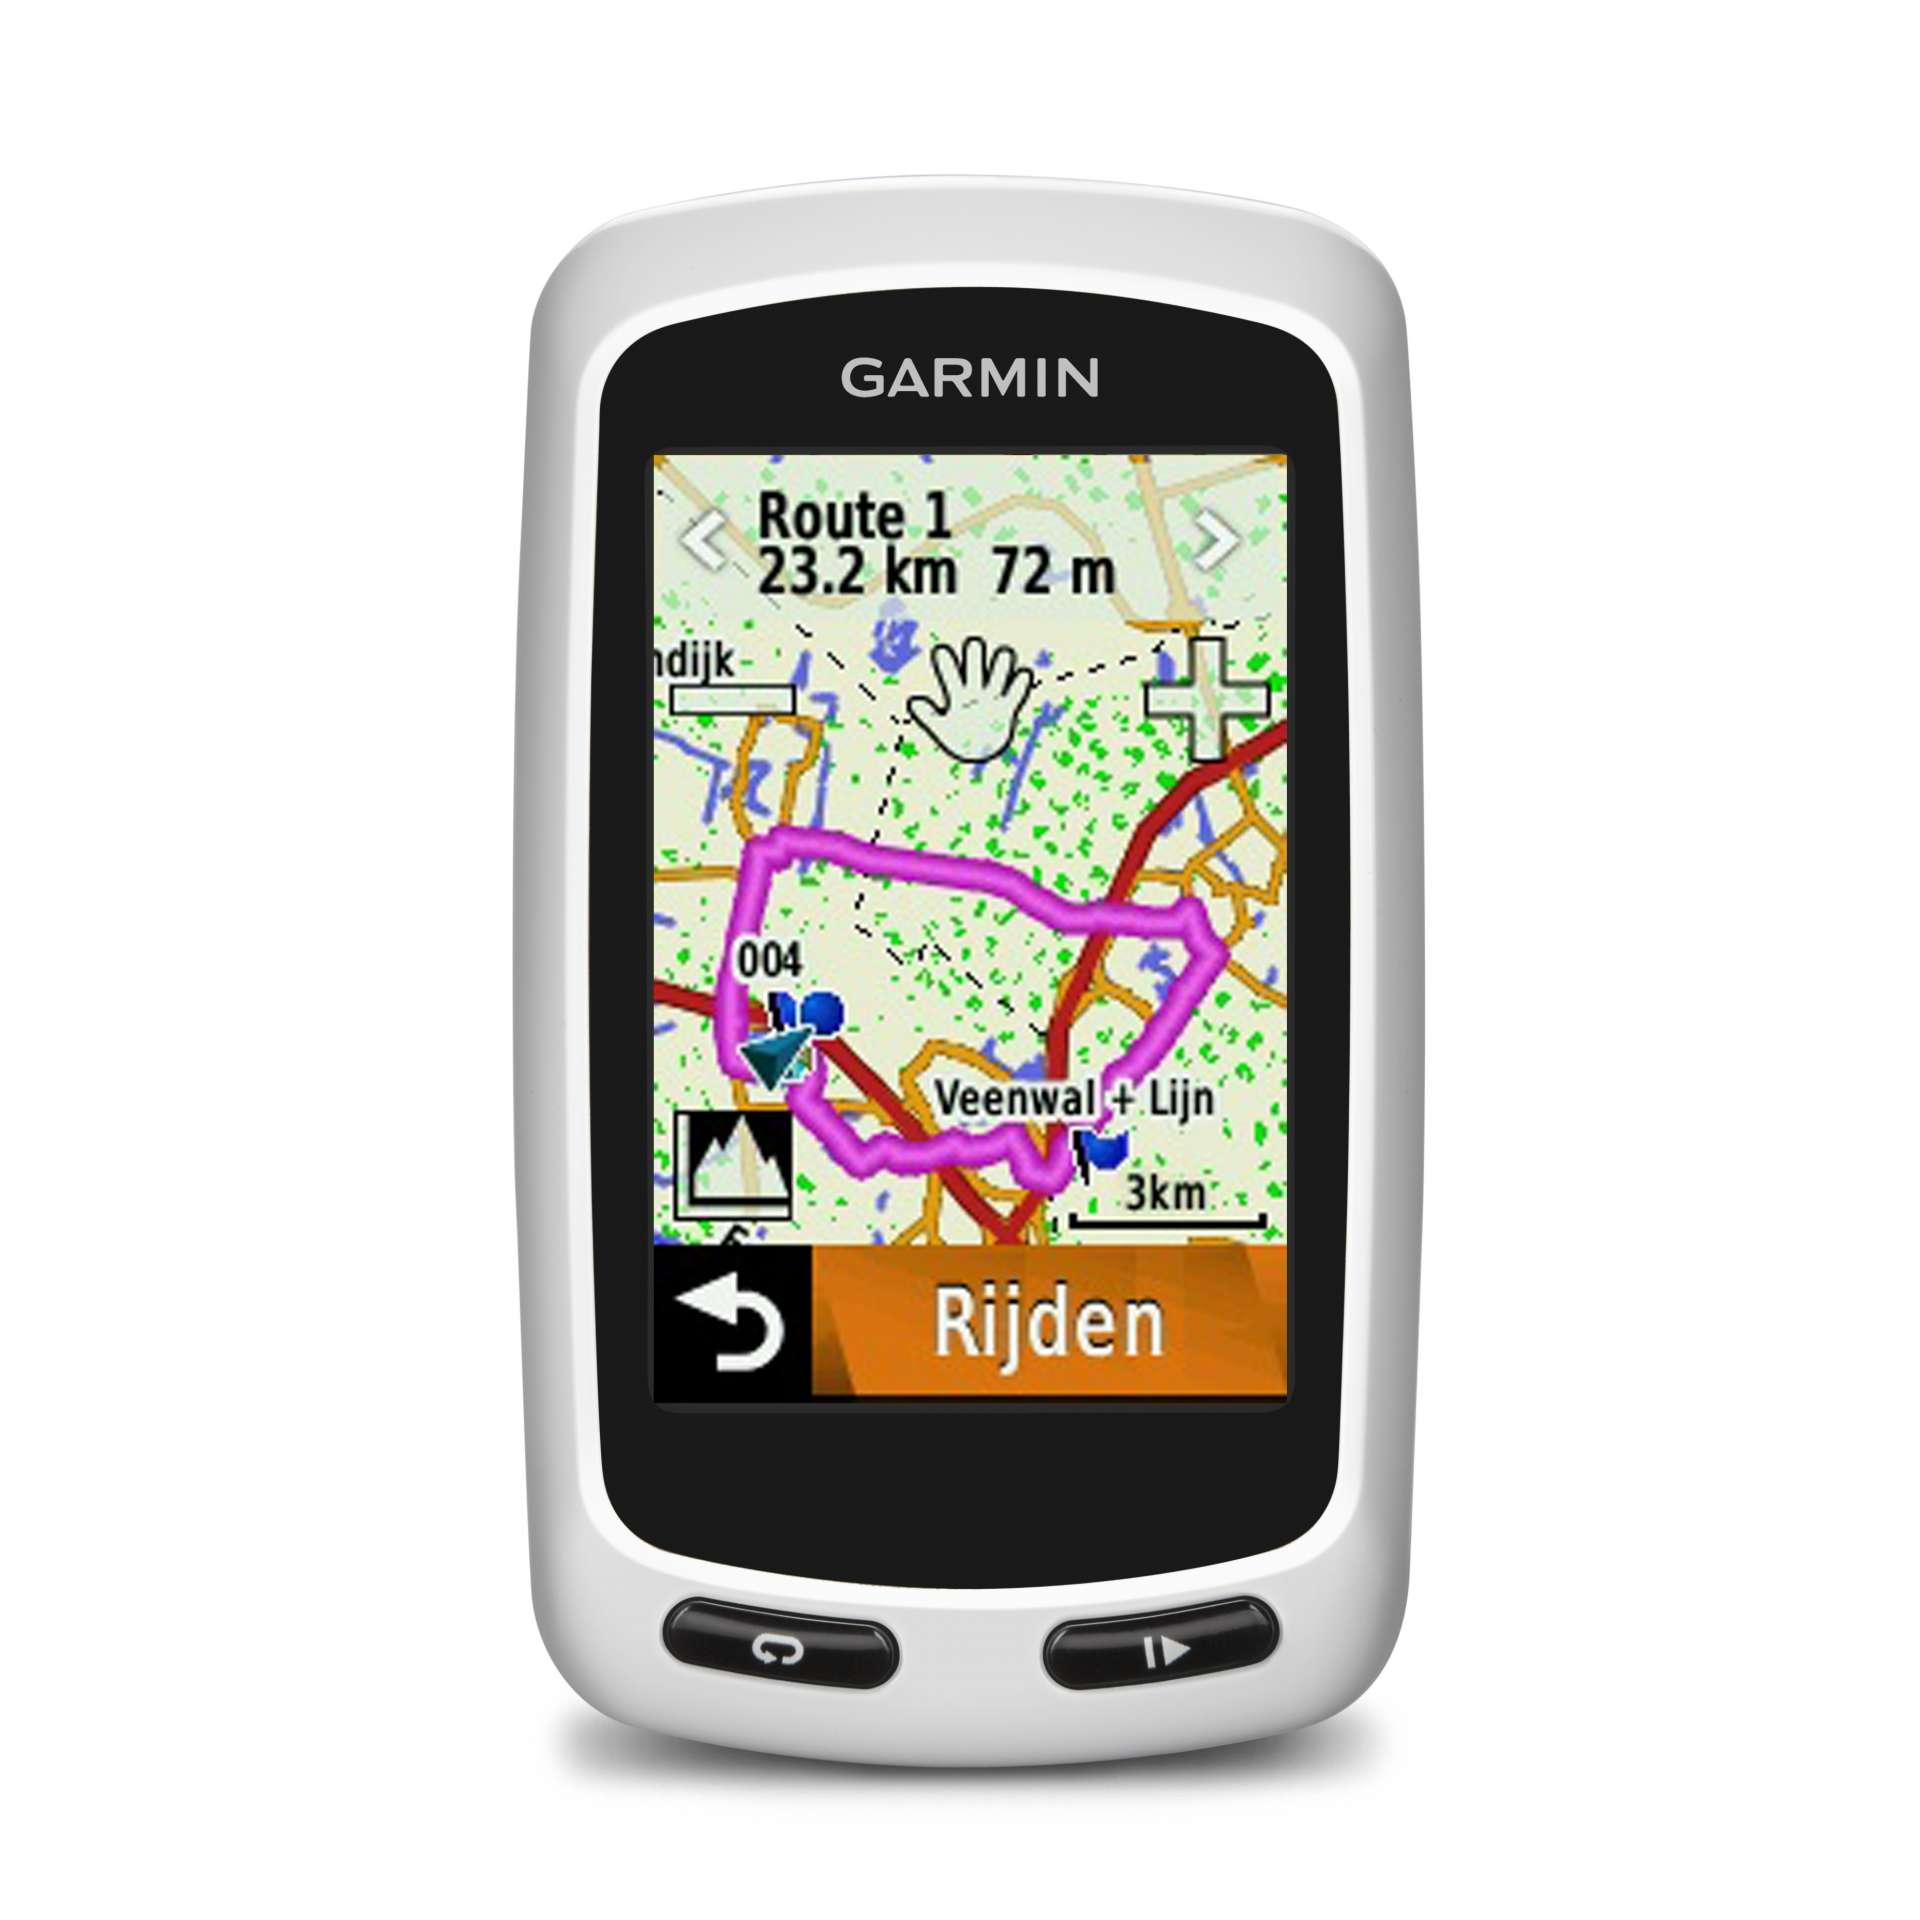 Garmin Edge Touring Plus GPS Europa